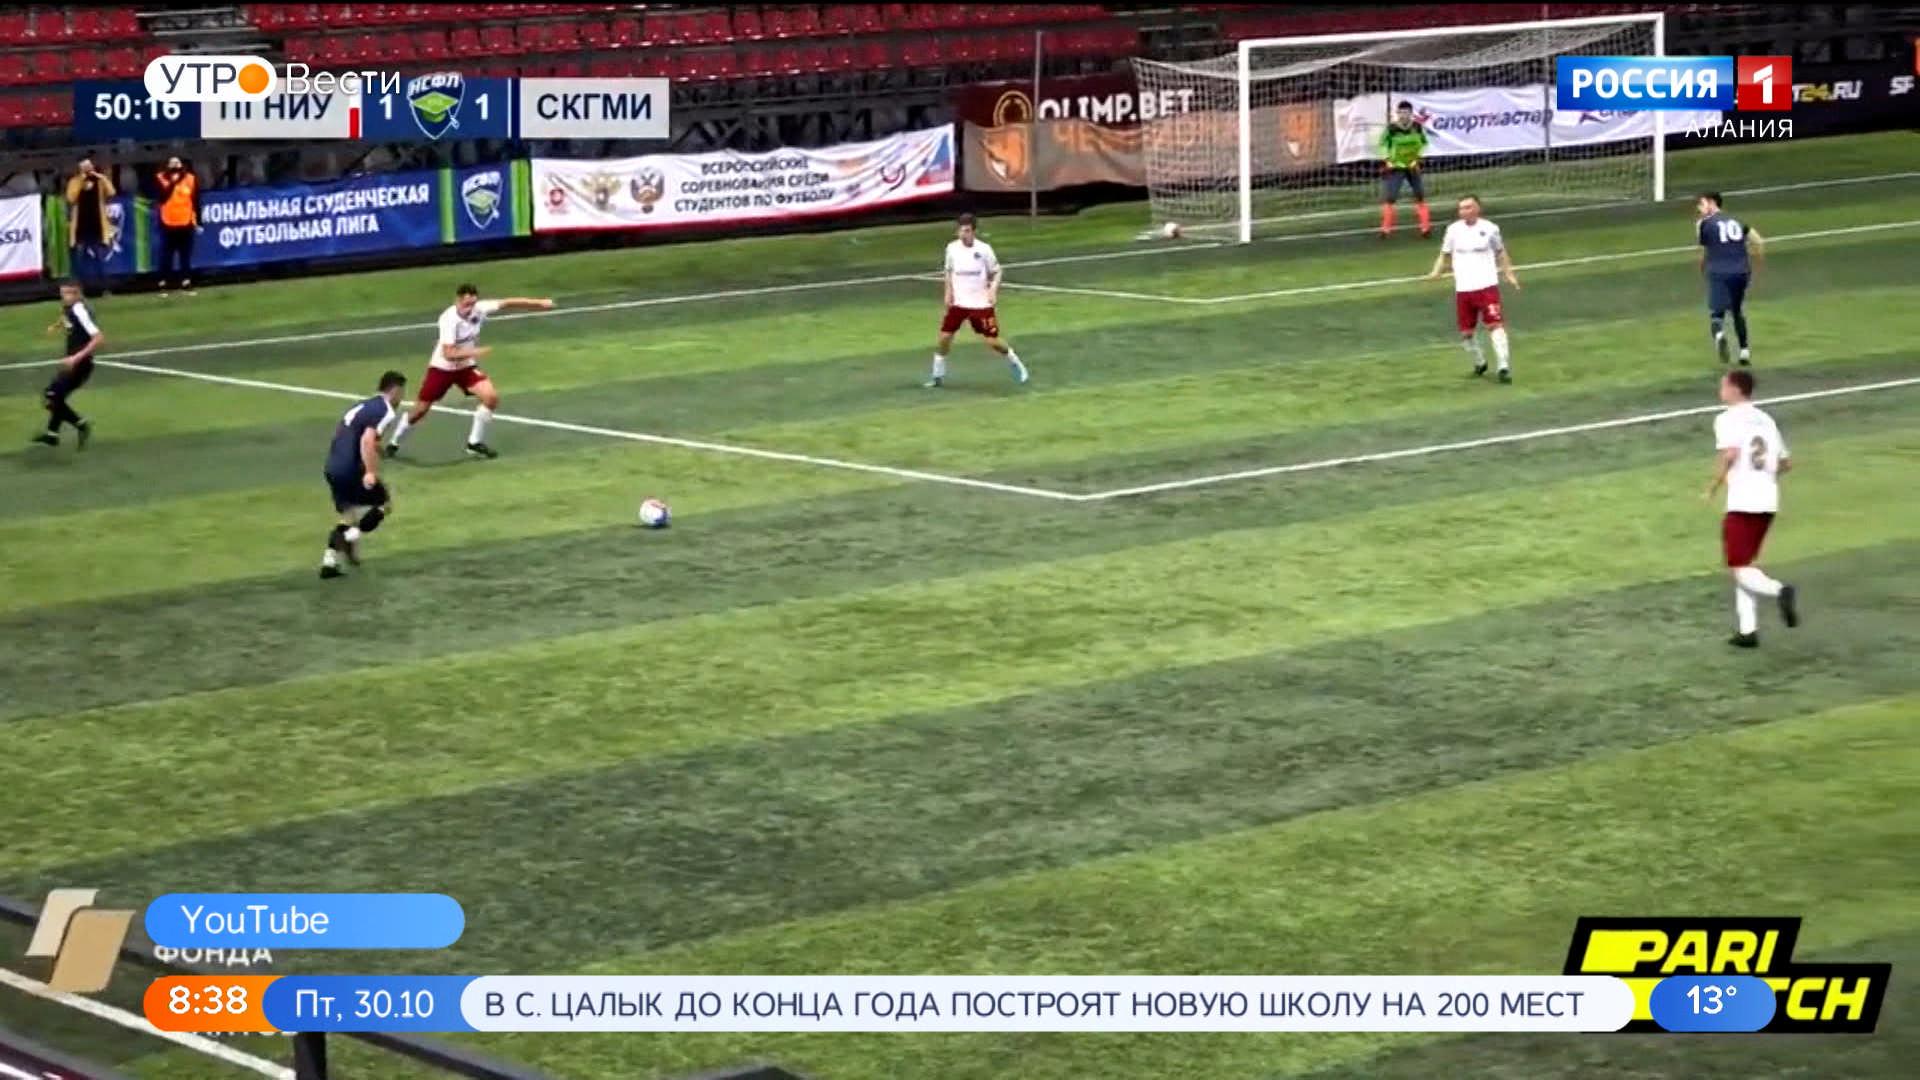 Сборная СКГМИ —   победитель национальной студенческой футбольной лиги